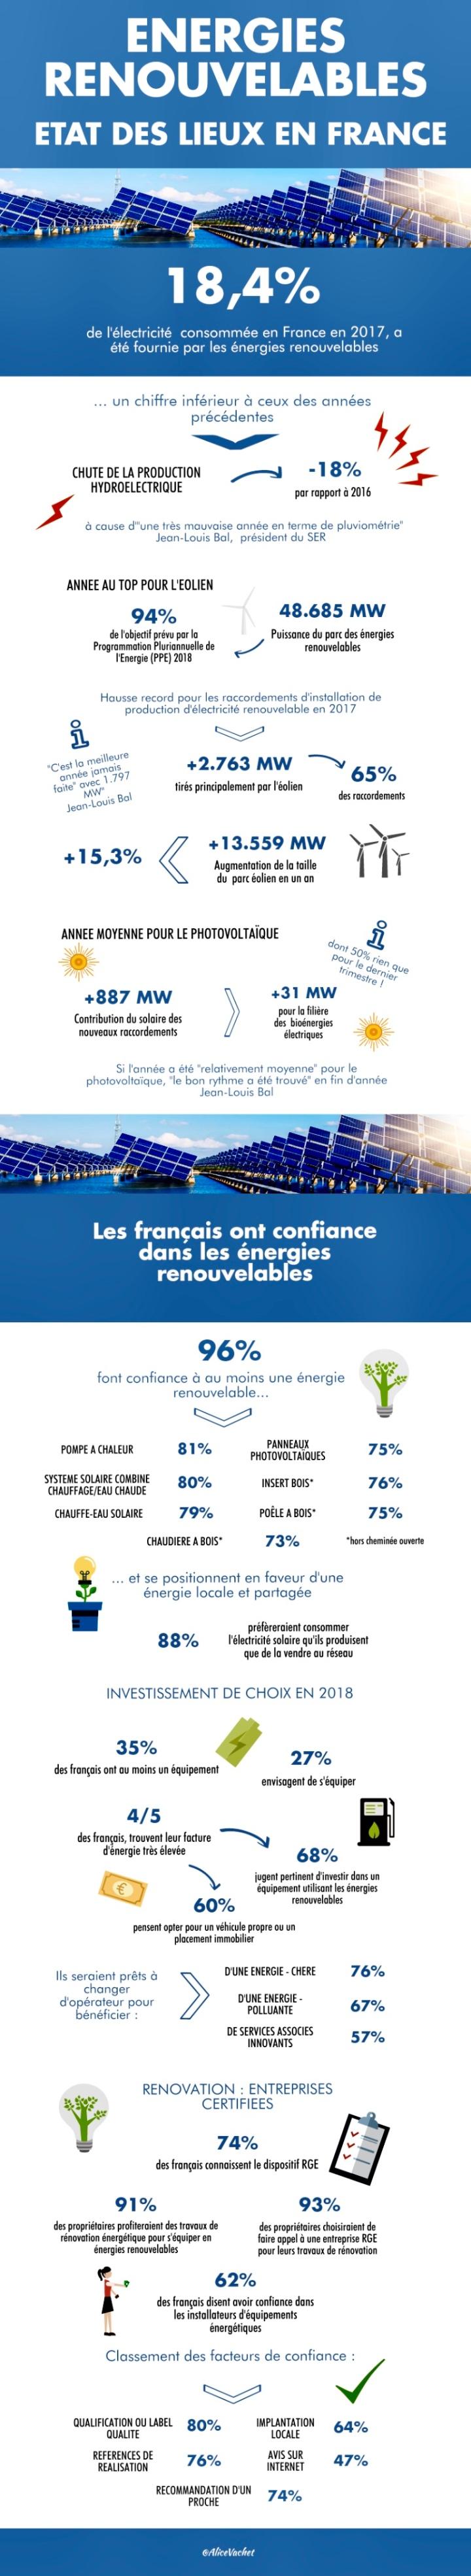 [Infographie] Énergies Renouvelables  : Etat Des Lieux En France🇫🇷